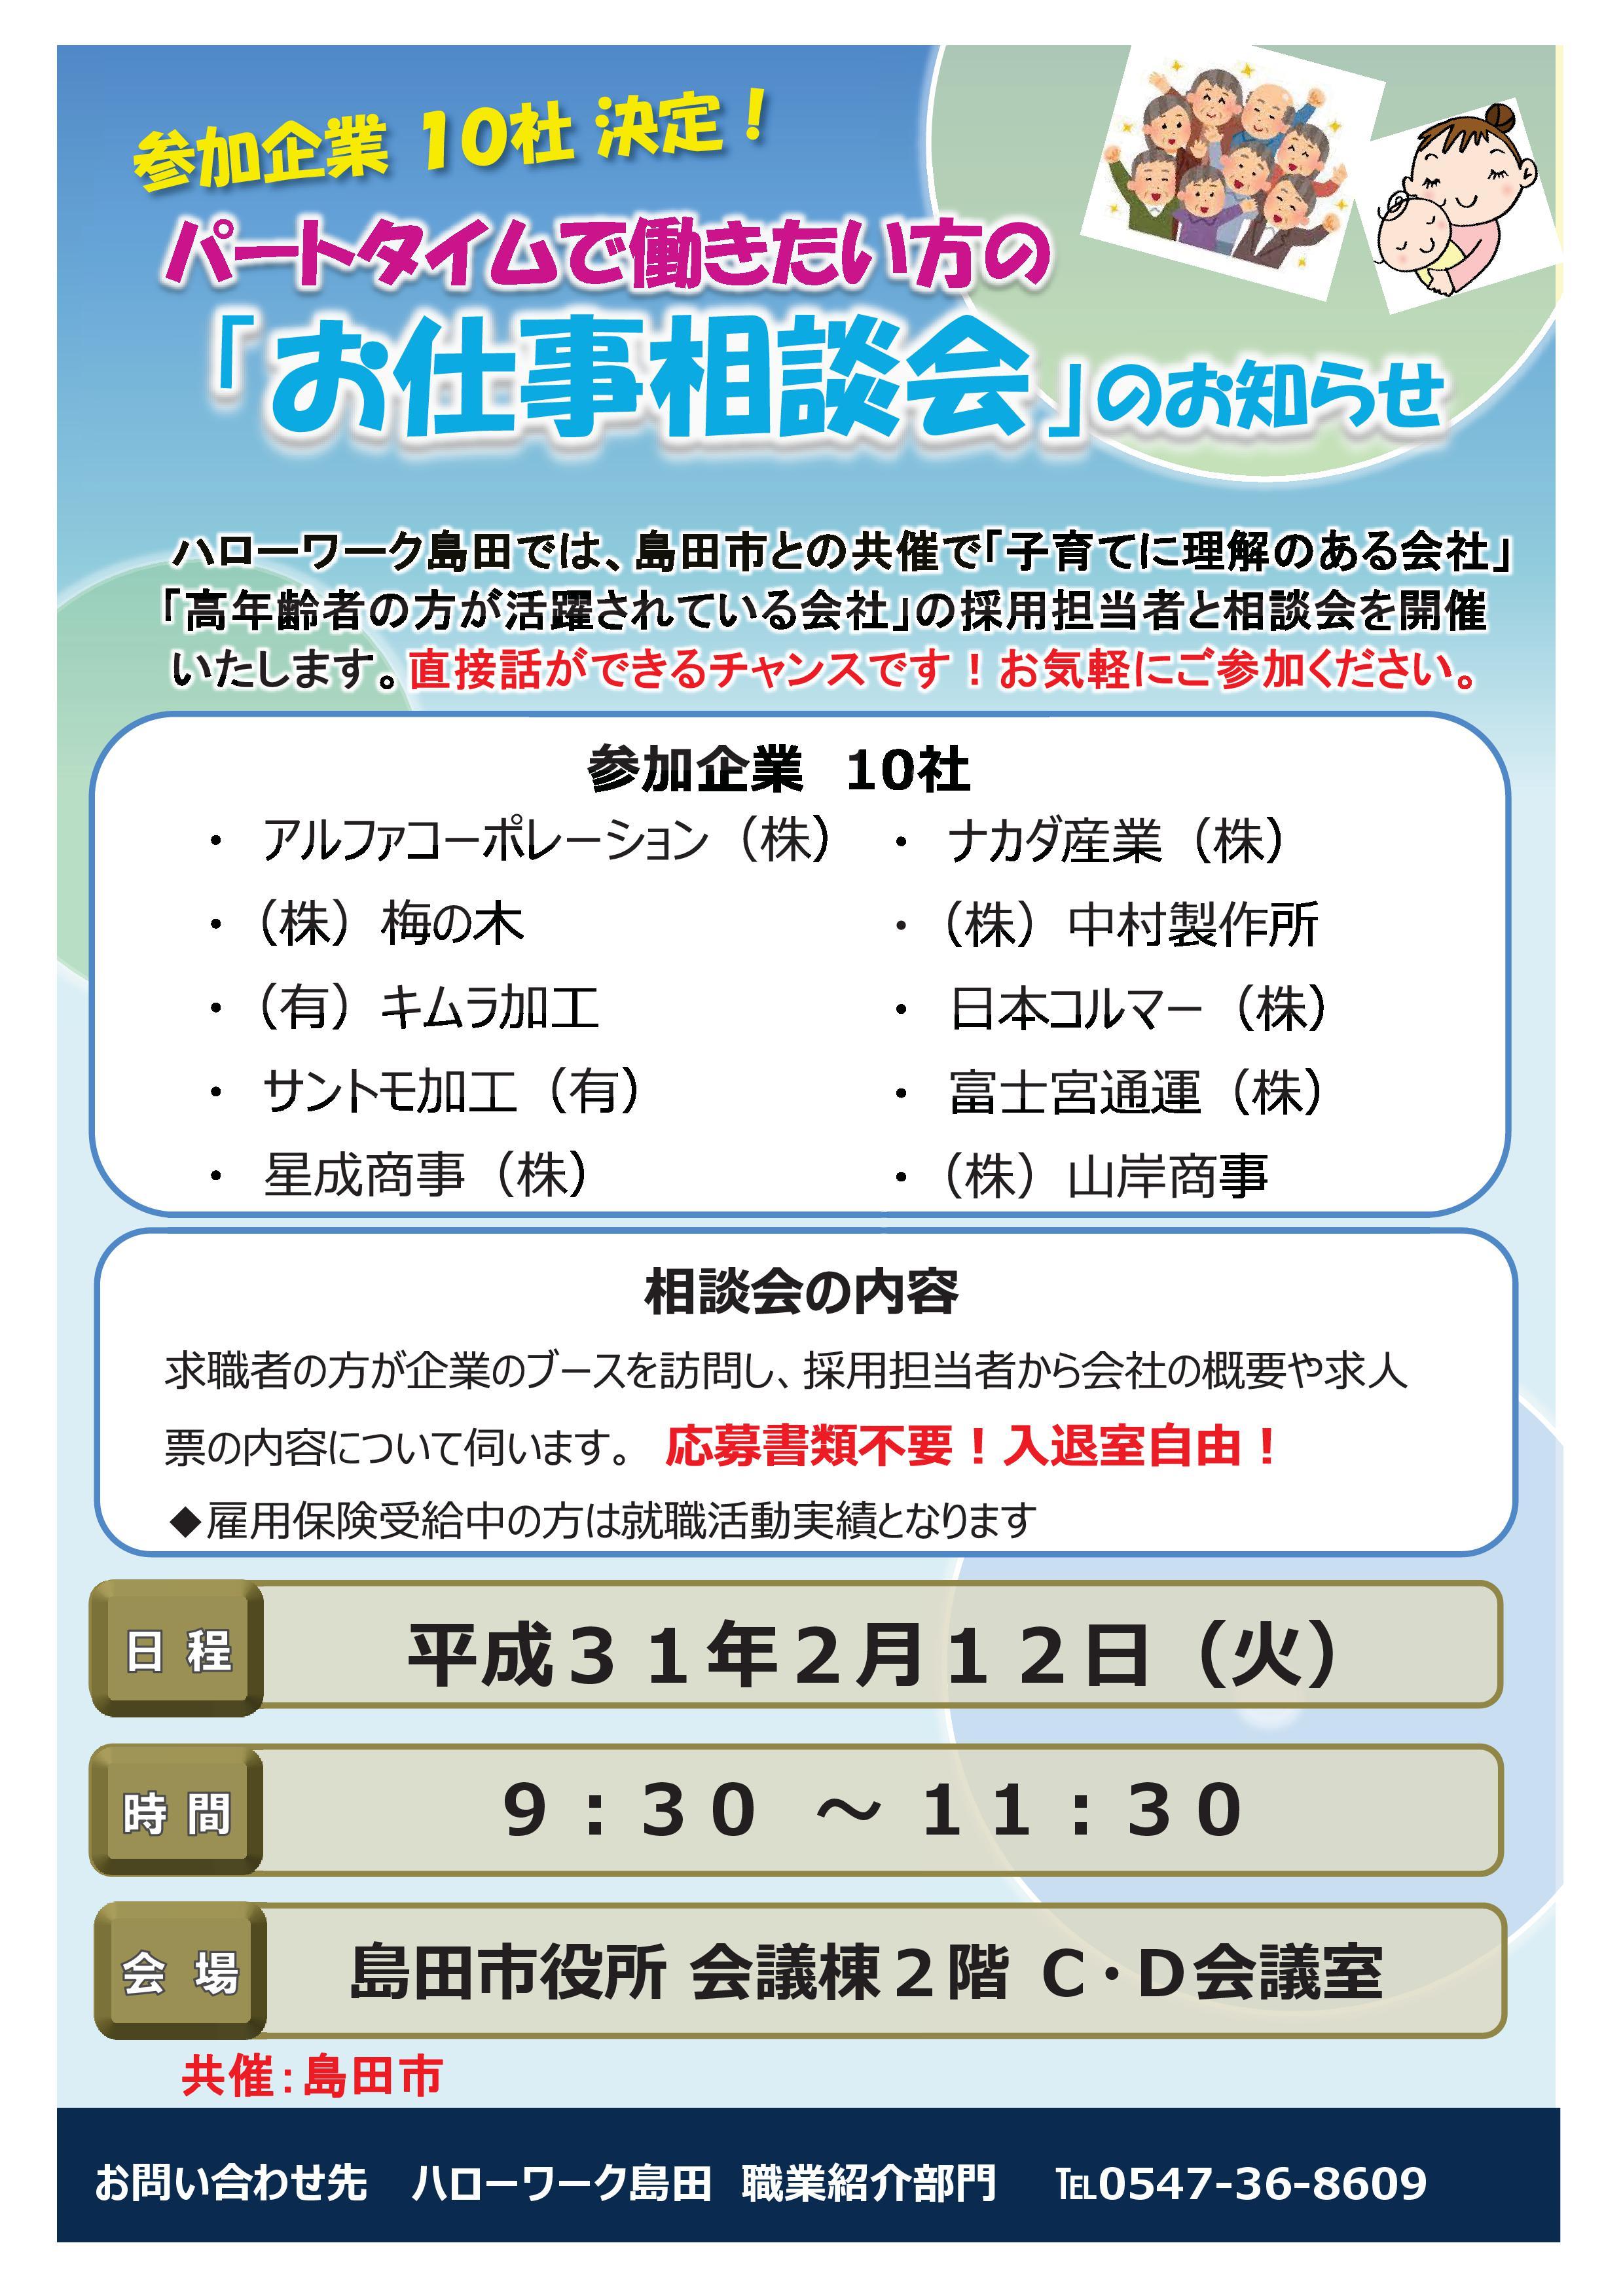 0212お仕事相談会【事業所名入り】